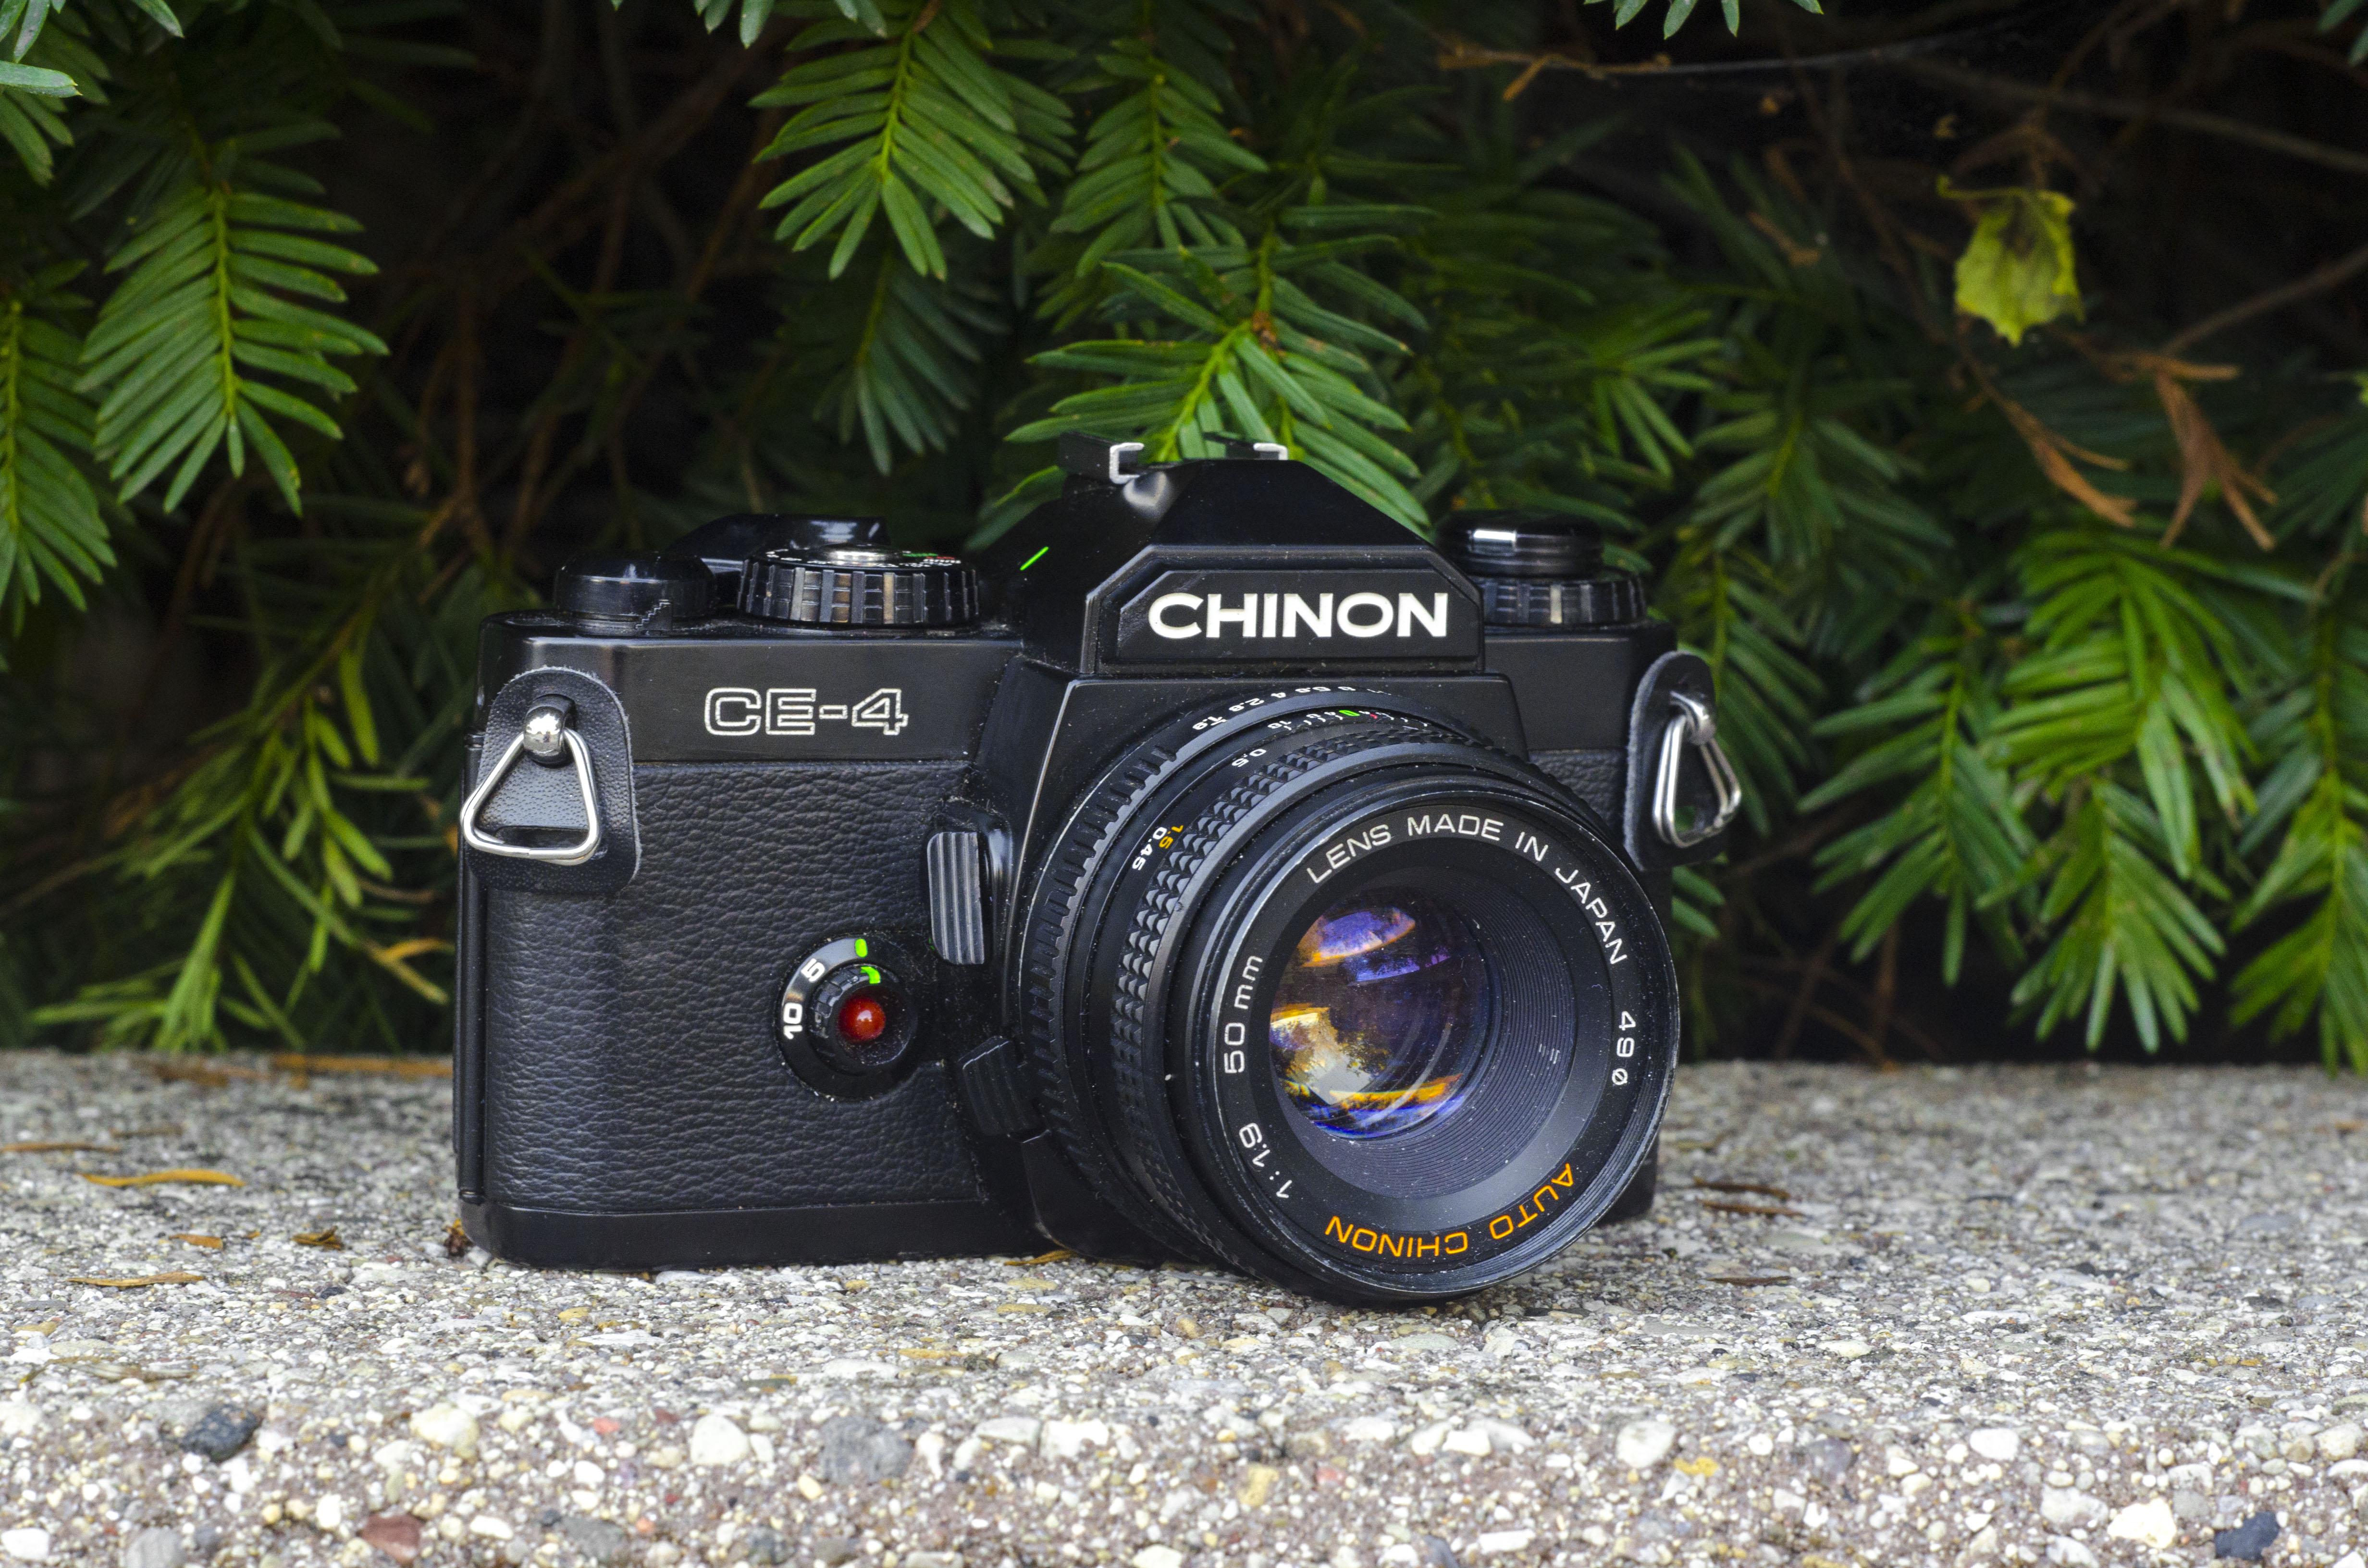 Chinon CE-4 (1980)